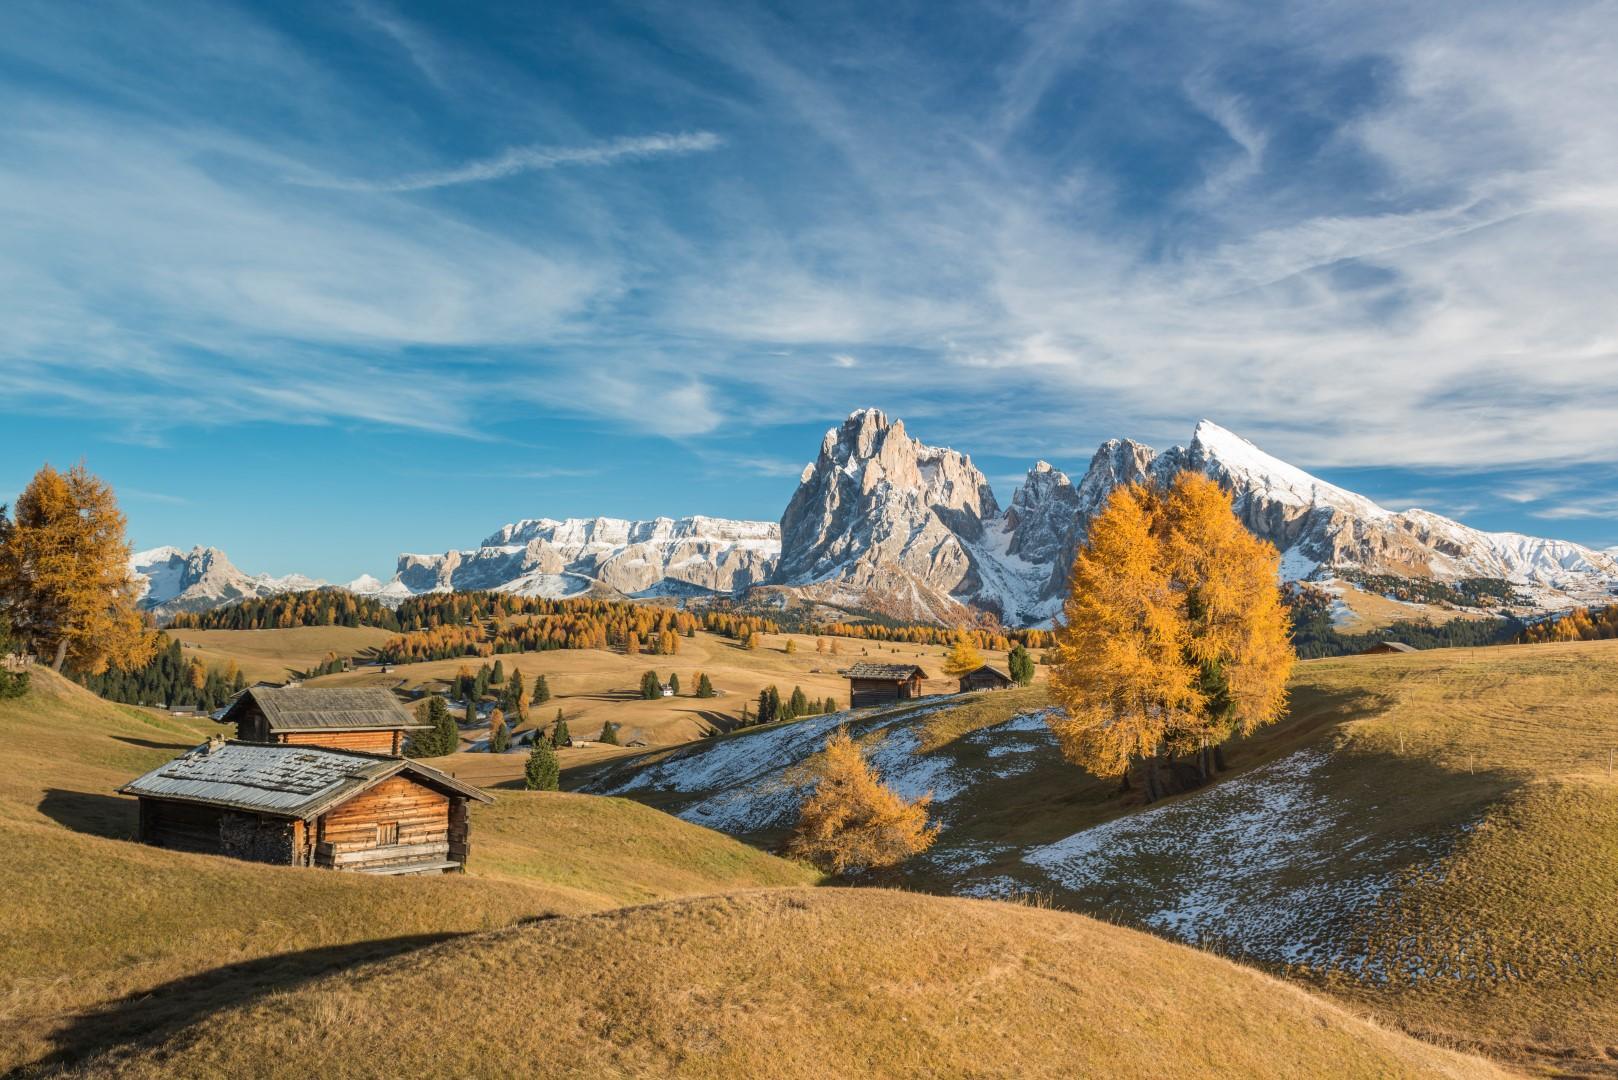 Alpe di Siusi e Sciliar: sulle tracce delle stregjhe